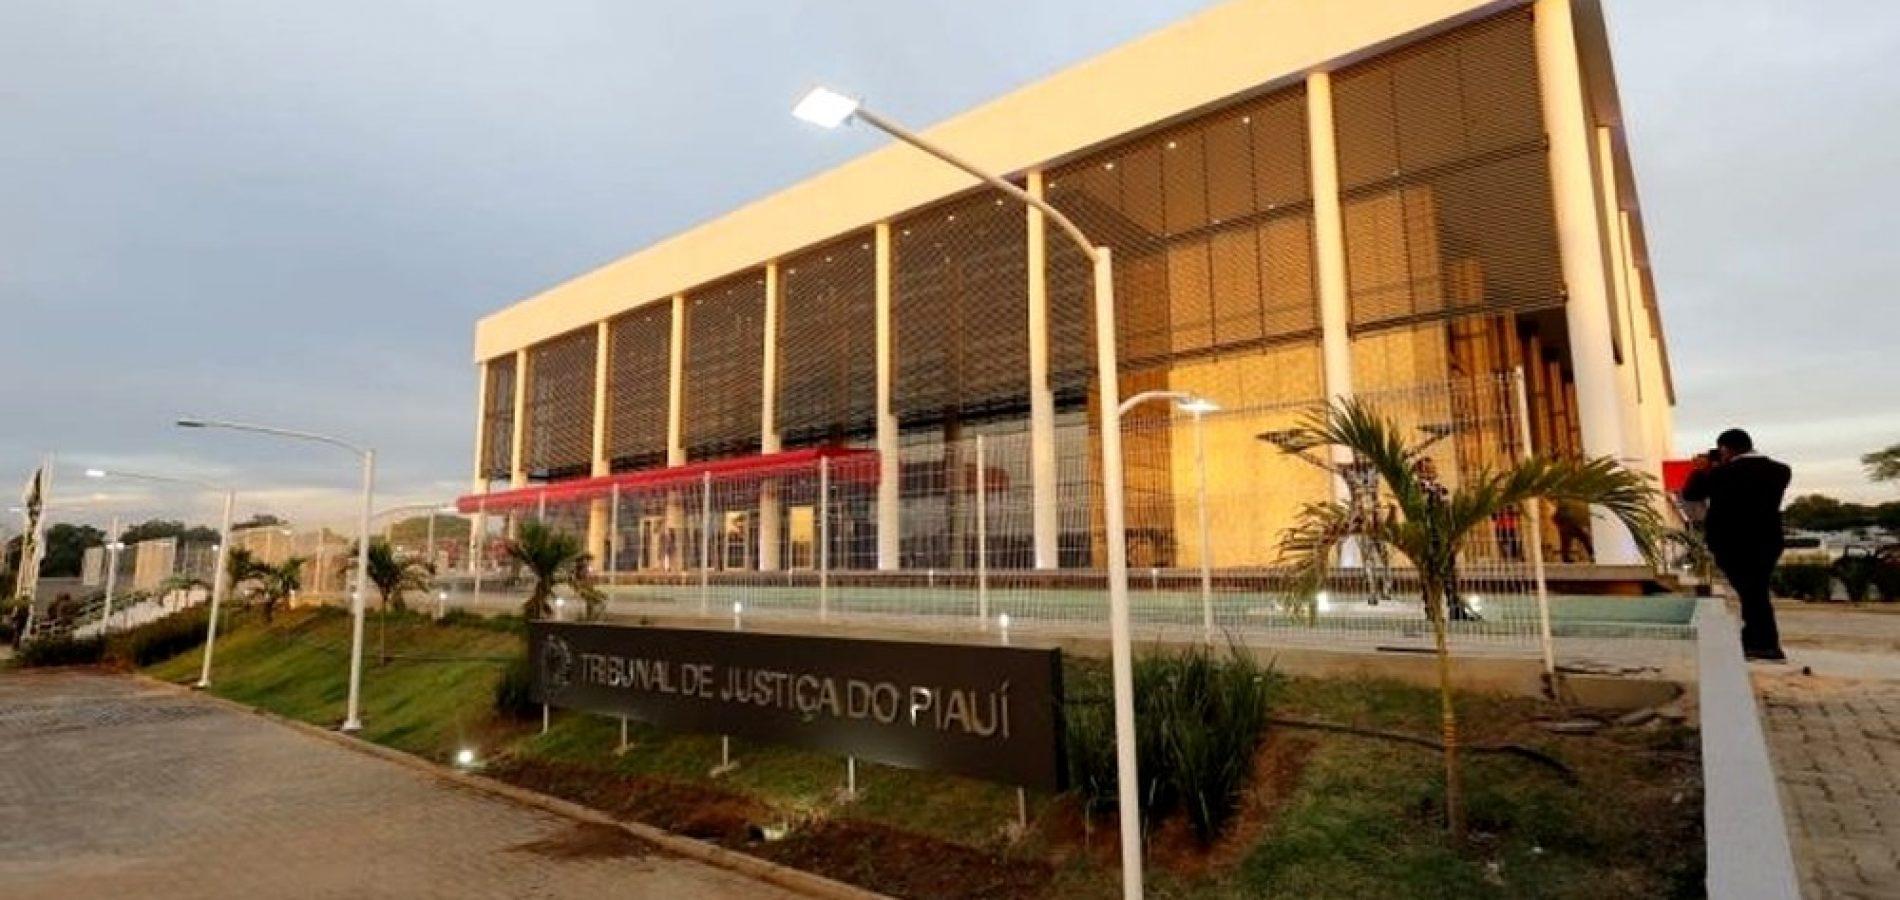 Condenado por estuprar enteada dos sete aos 12 anos é preso no Piauí